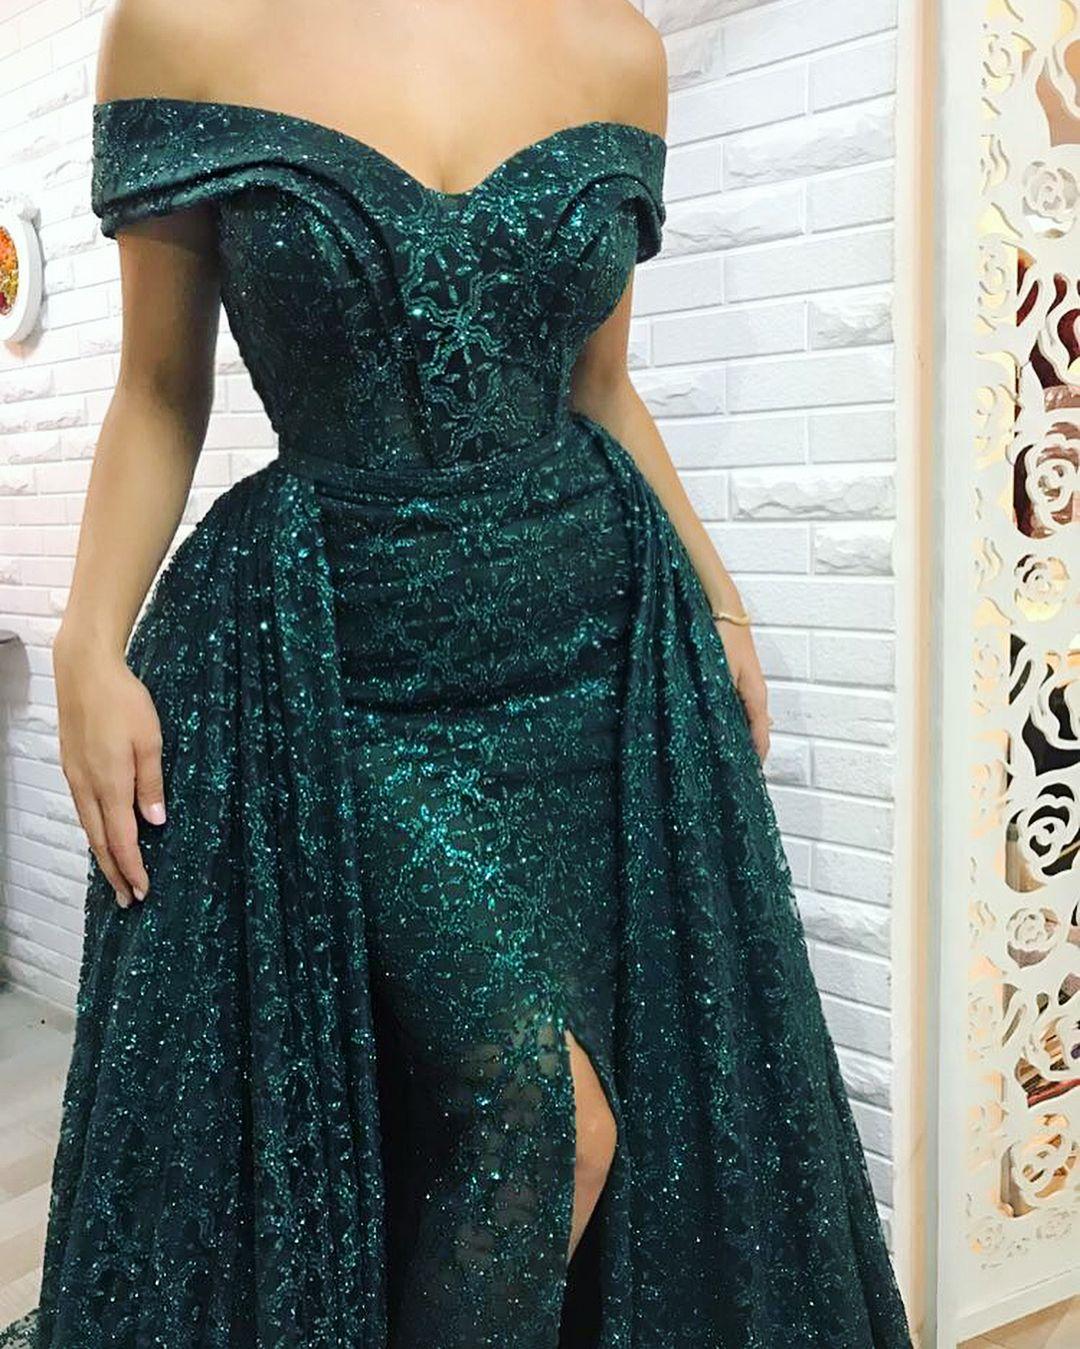 6 371 Likes 68 Comments Teuta Matoshi Duriqi Teutamatoshiduriqi On Instagram Teutamatoshiduriqi Dresses Gowns Prom Dresses [ 1349 x 1080 Pixel ]